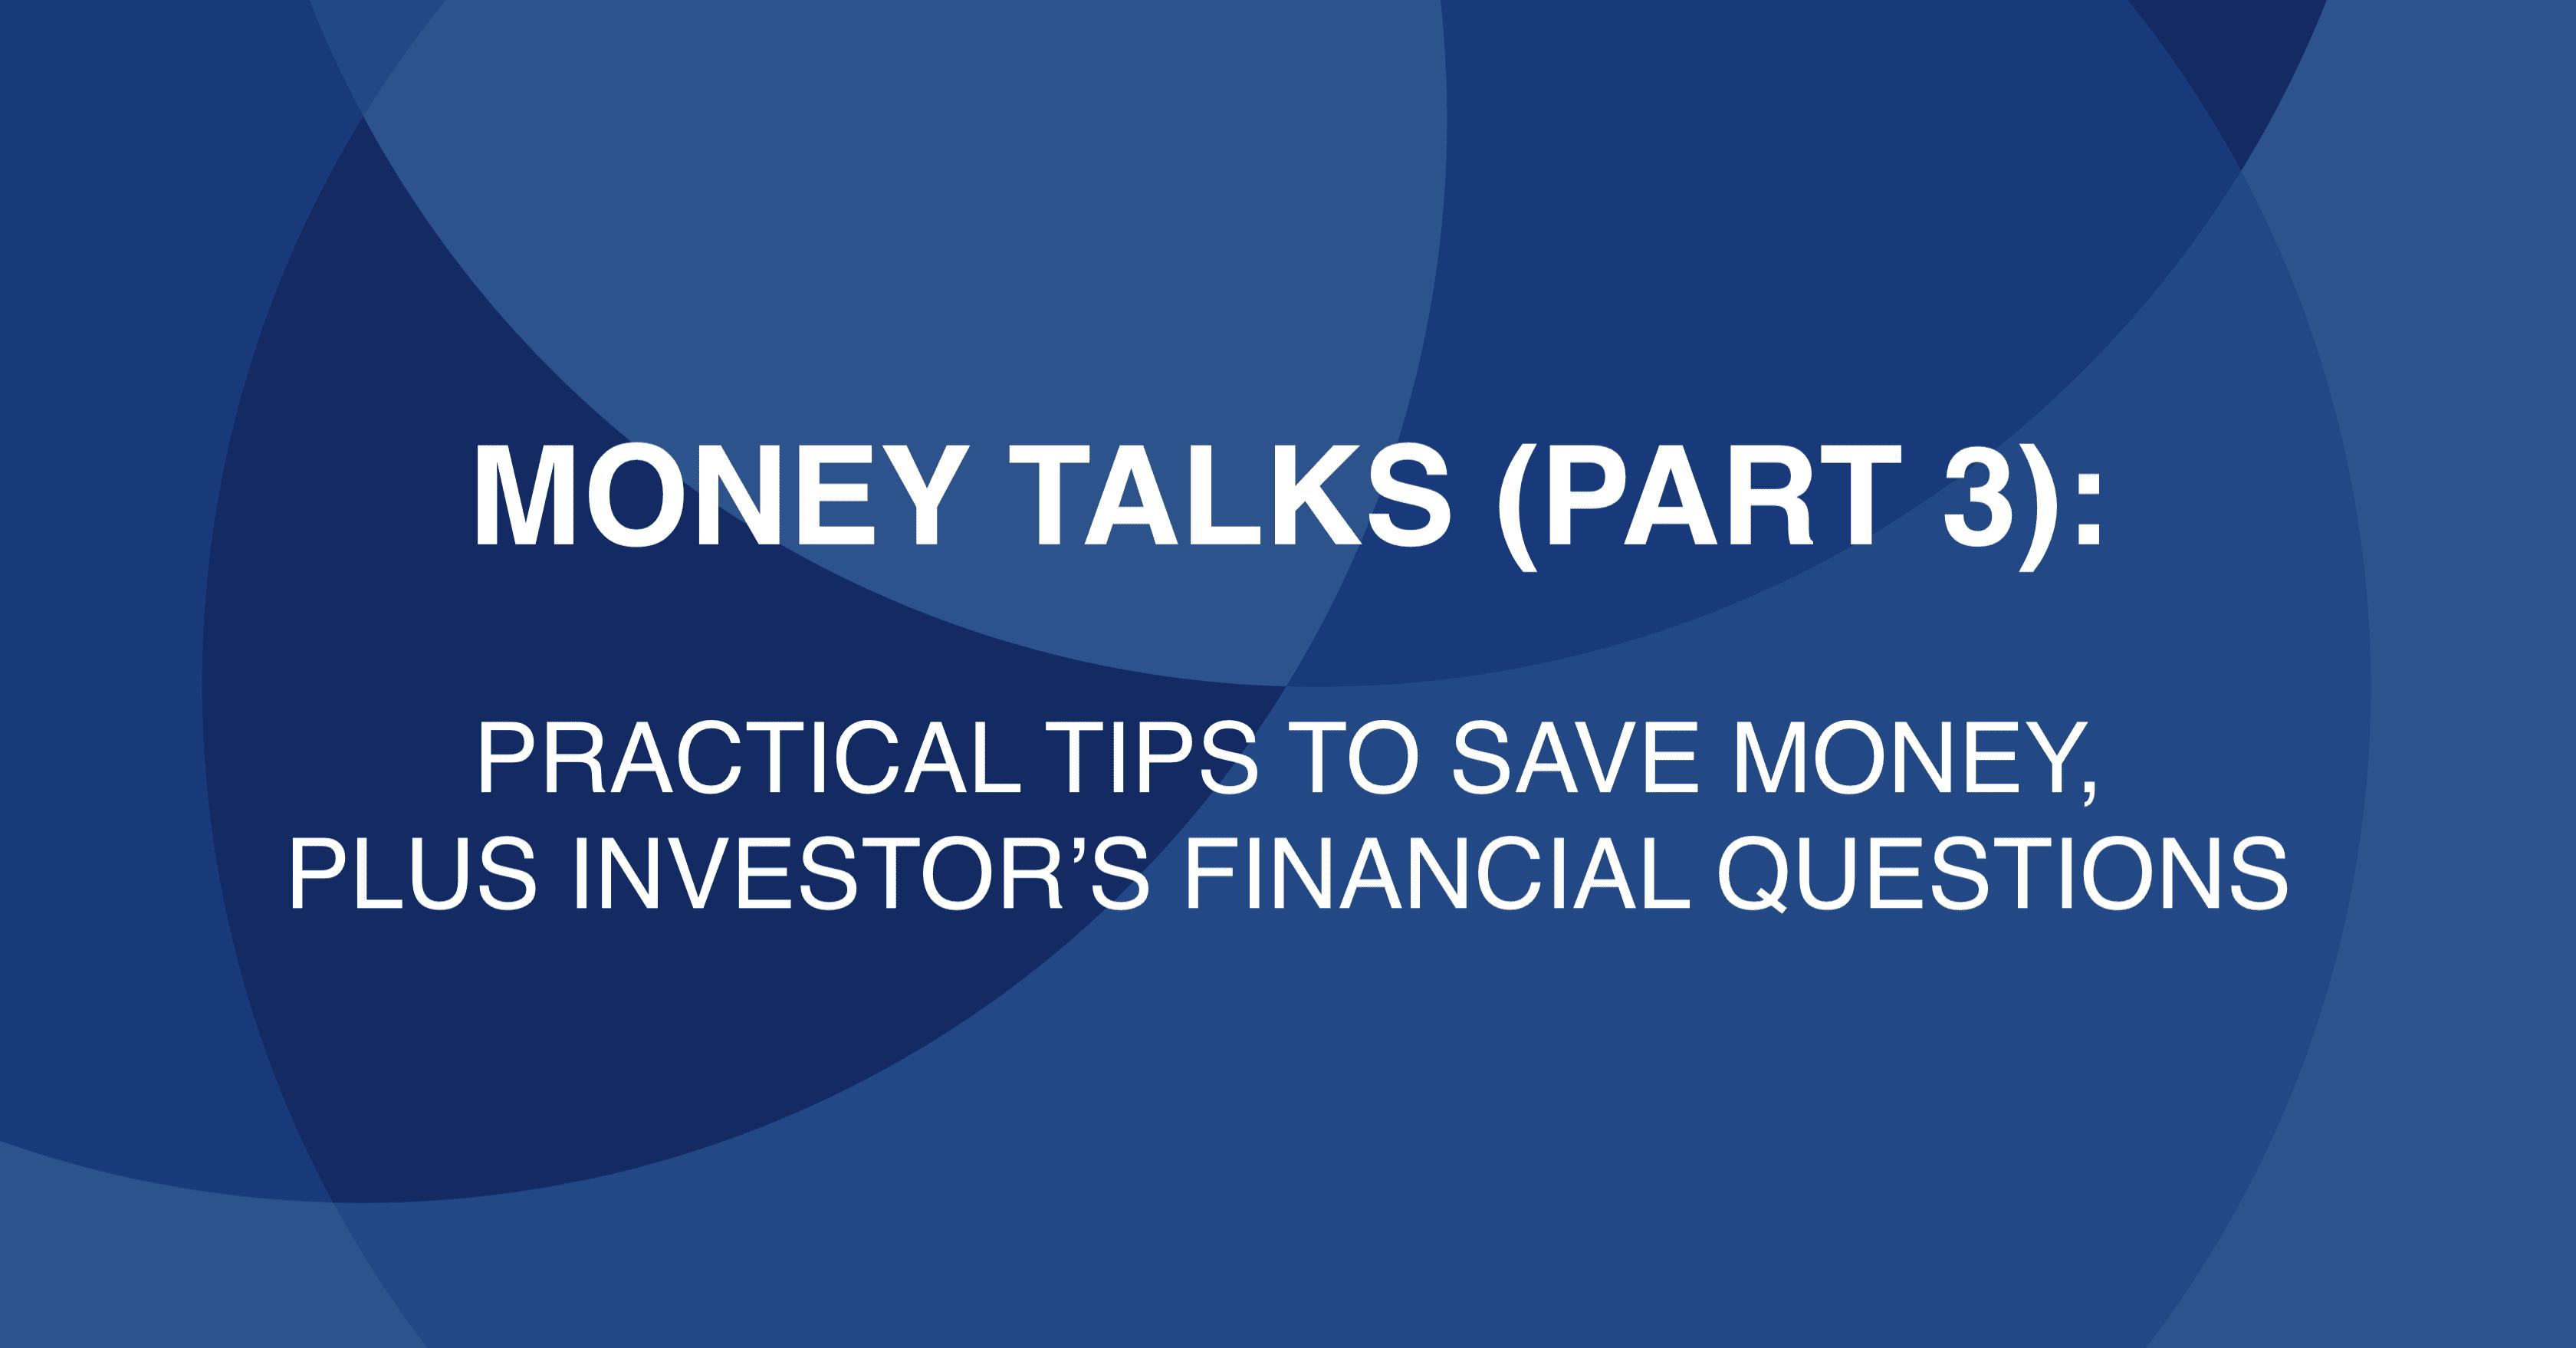 Money Talks (Part 3)